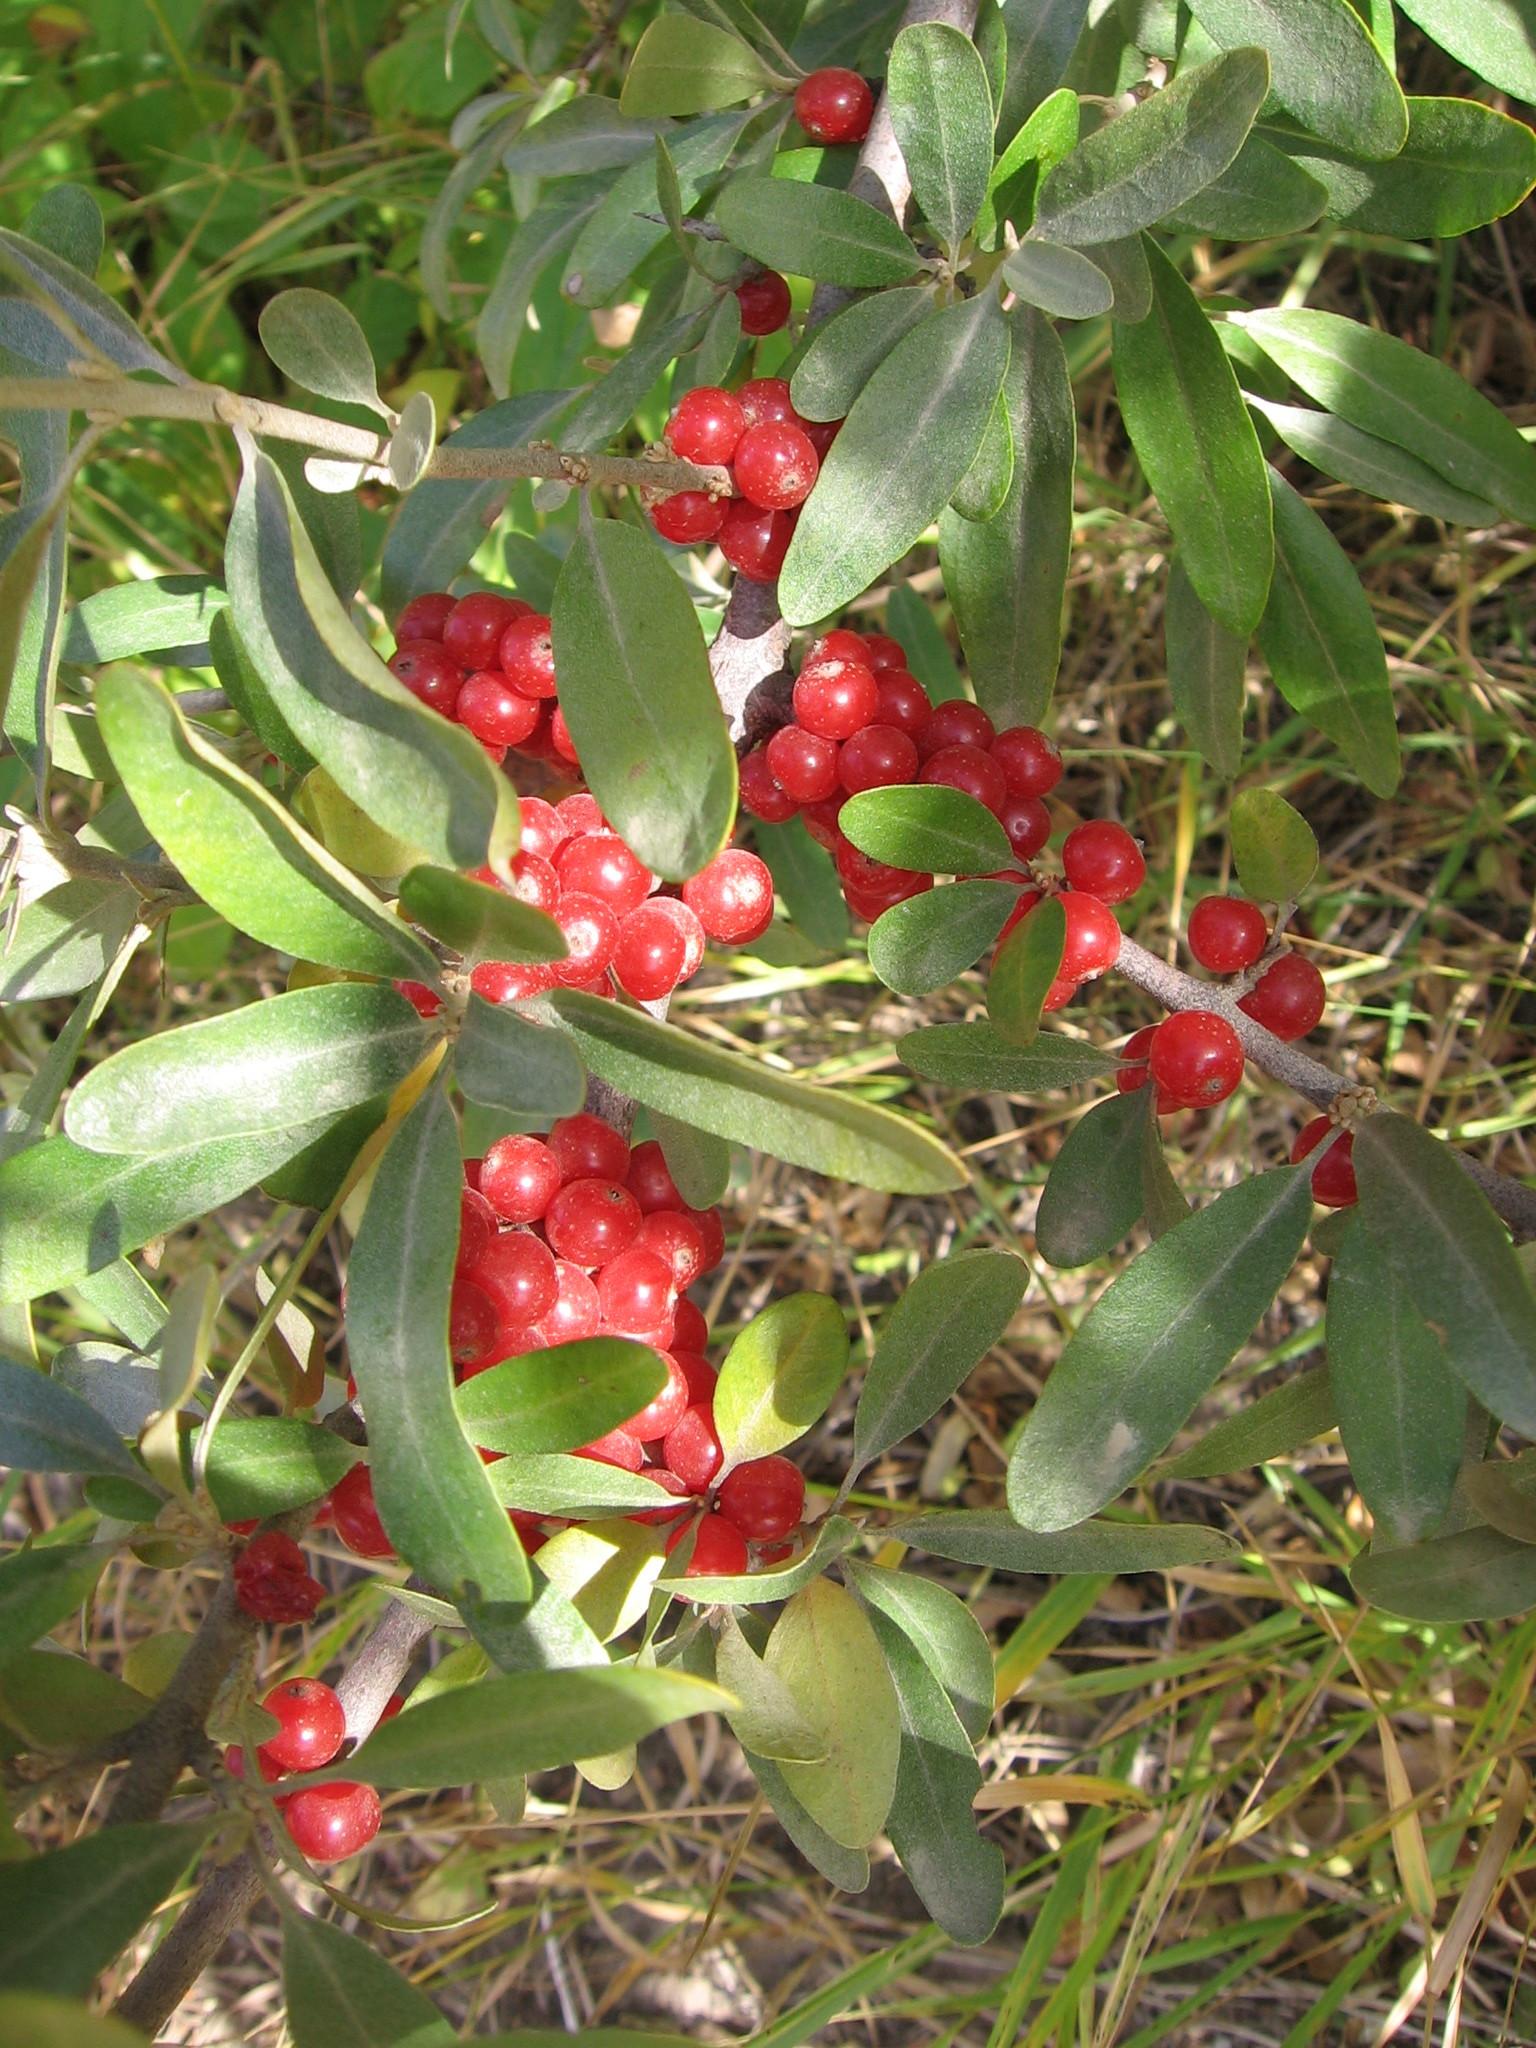 13.09.22 6 Sea Buckthorn berries.jpg